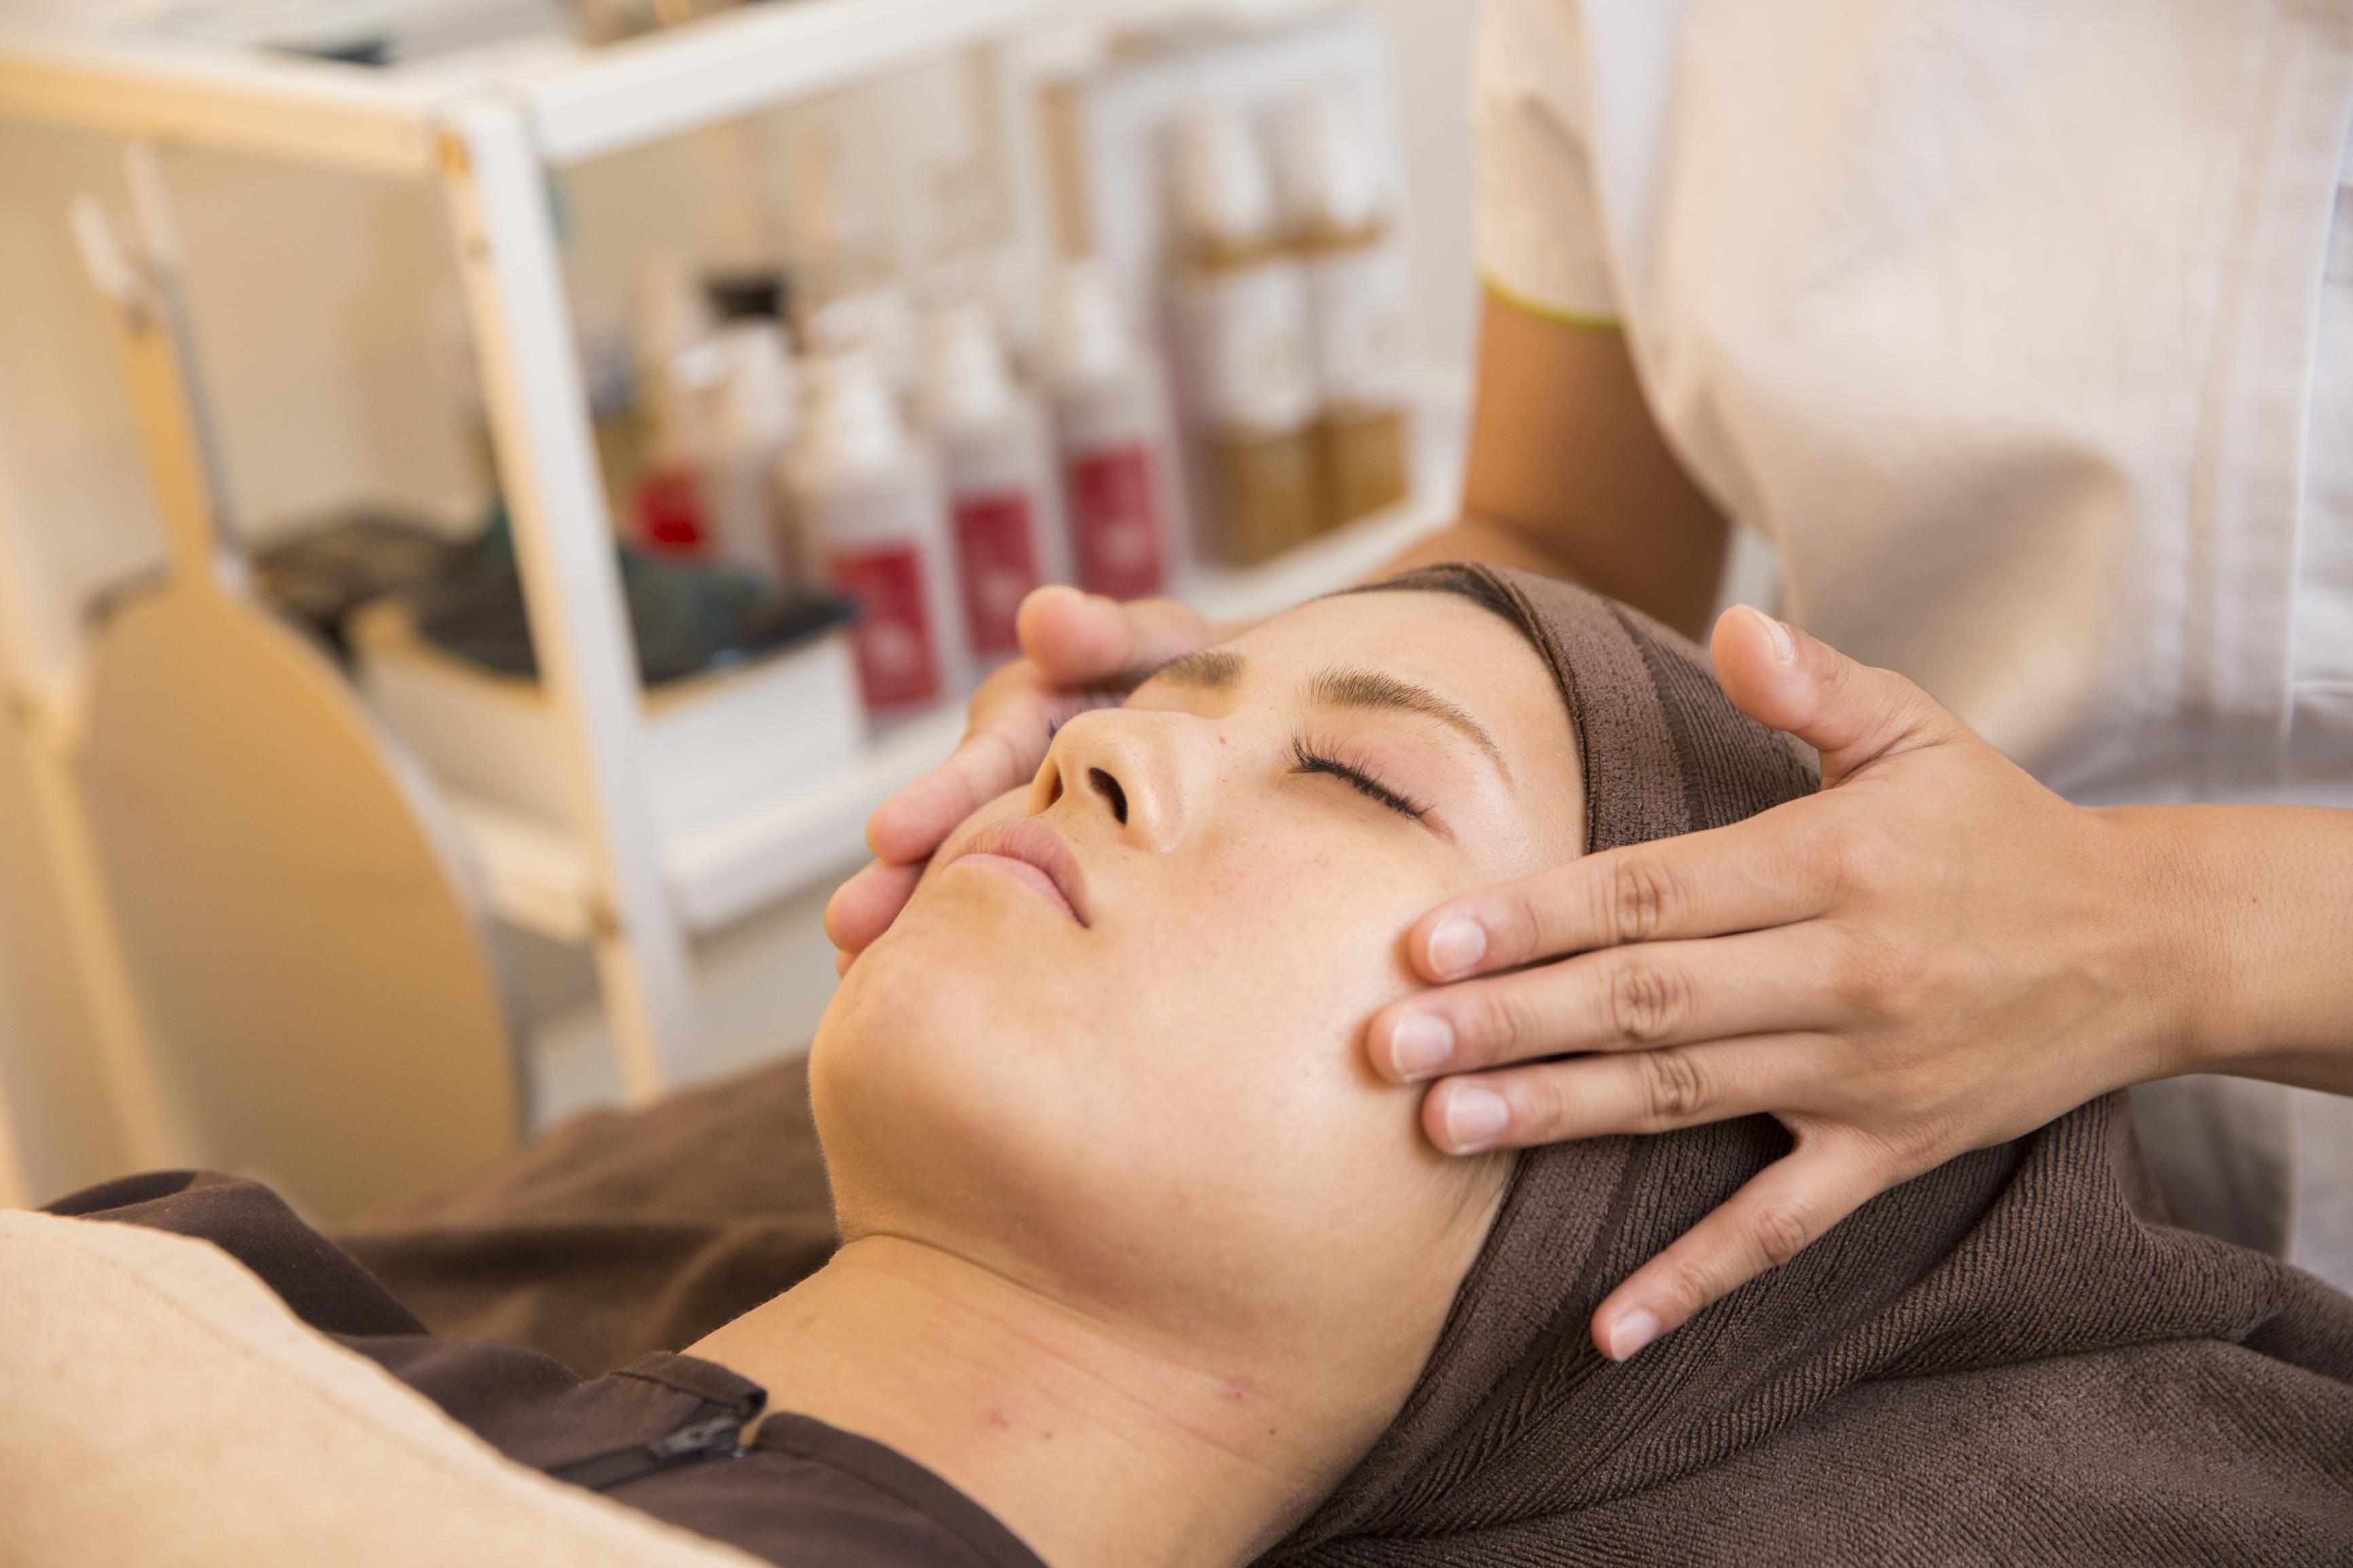 記事 美容鍼灸で口元のシワ、ほうれい線を改善するには◯◯が重要なのです!のアイキャッチ画像